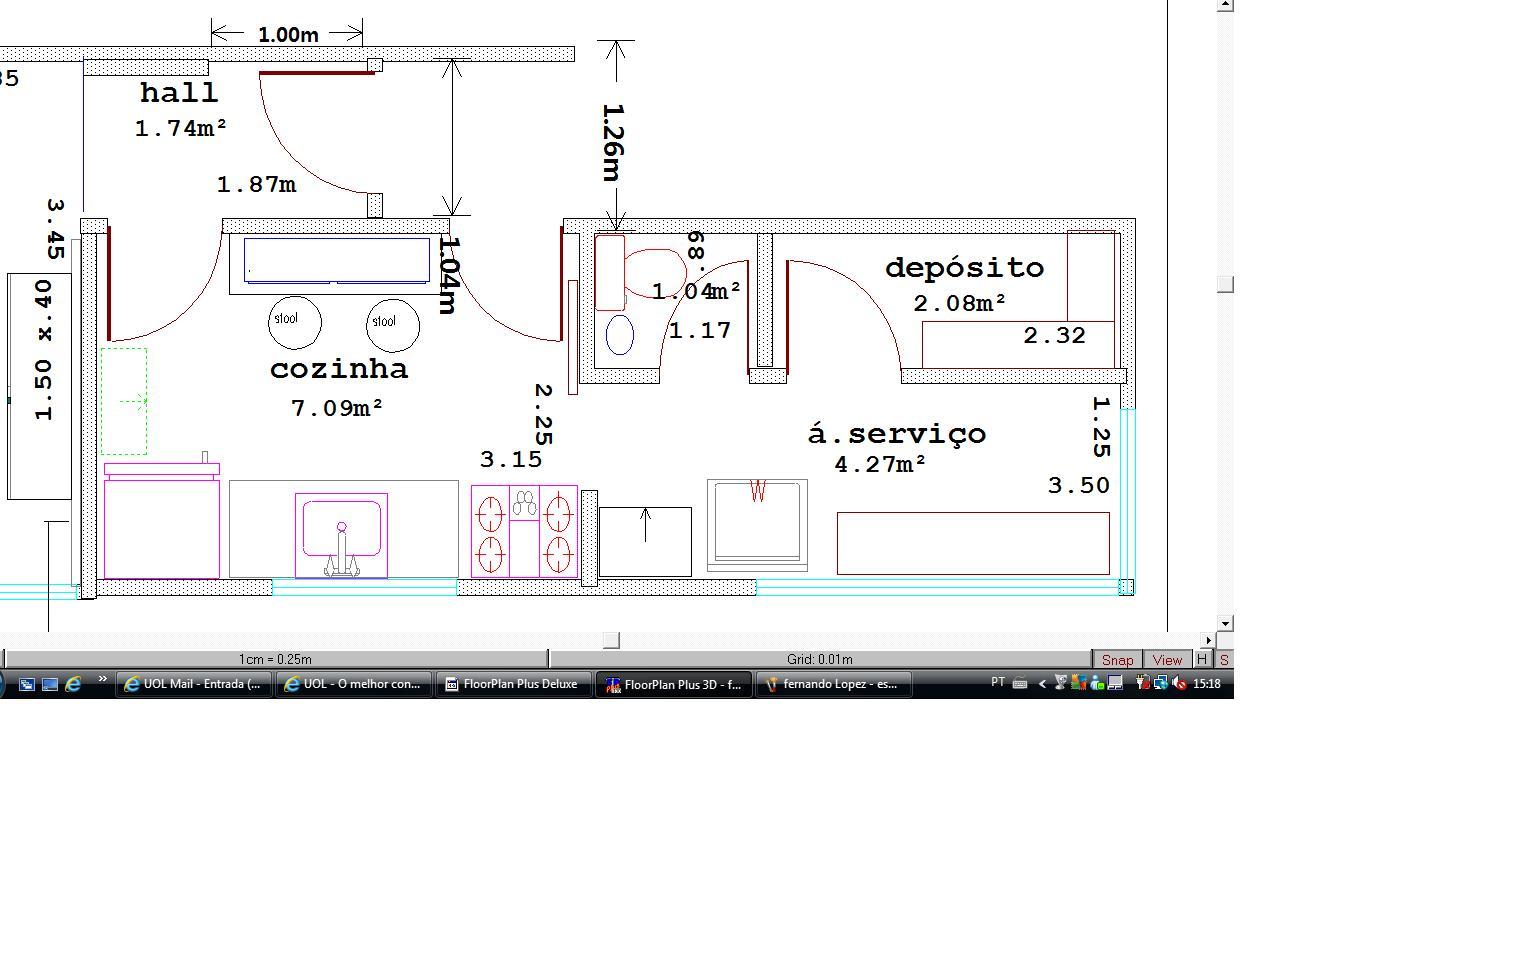 arquitetura & decor: um projeto de reforma plantas e algúns detalhes #456176 1536 960